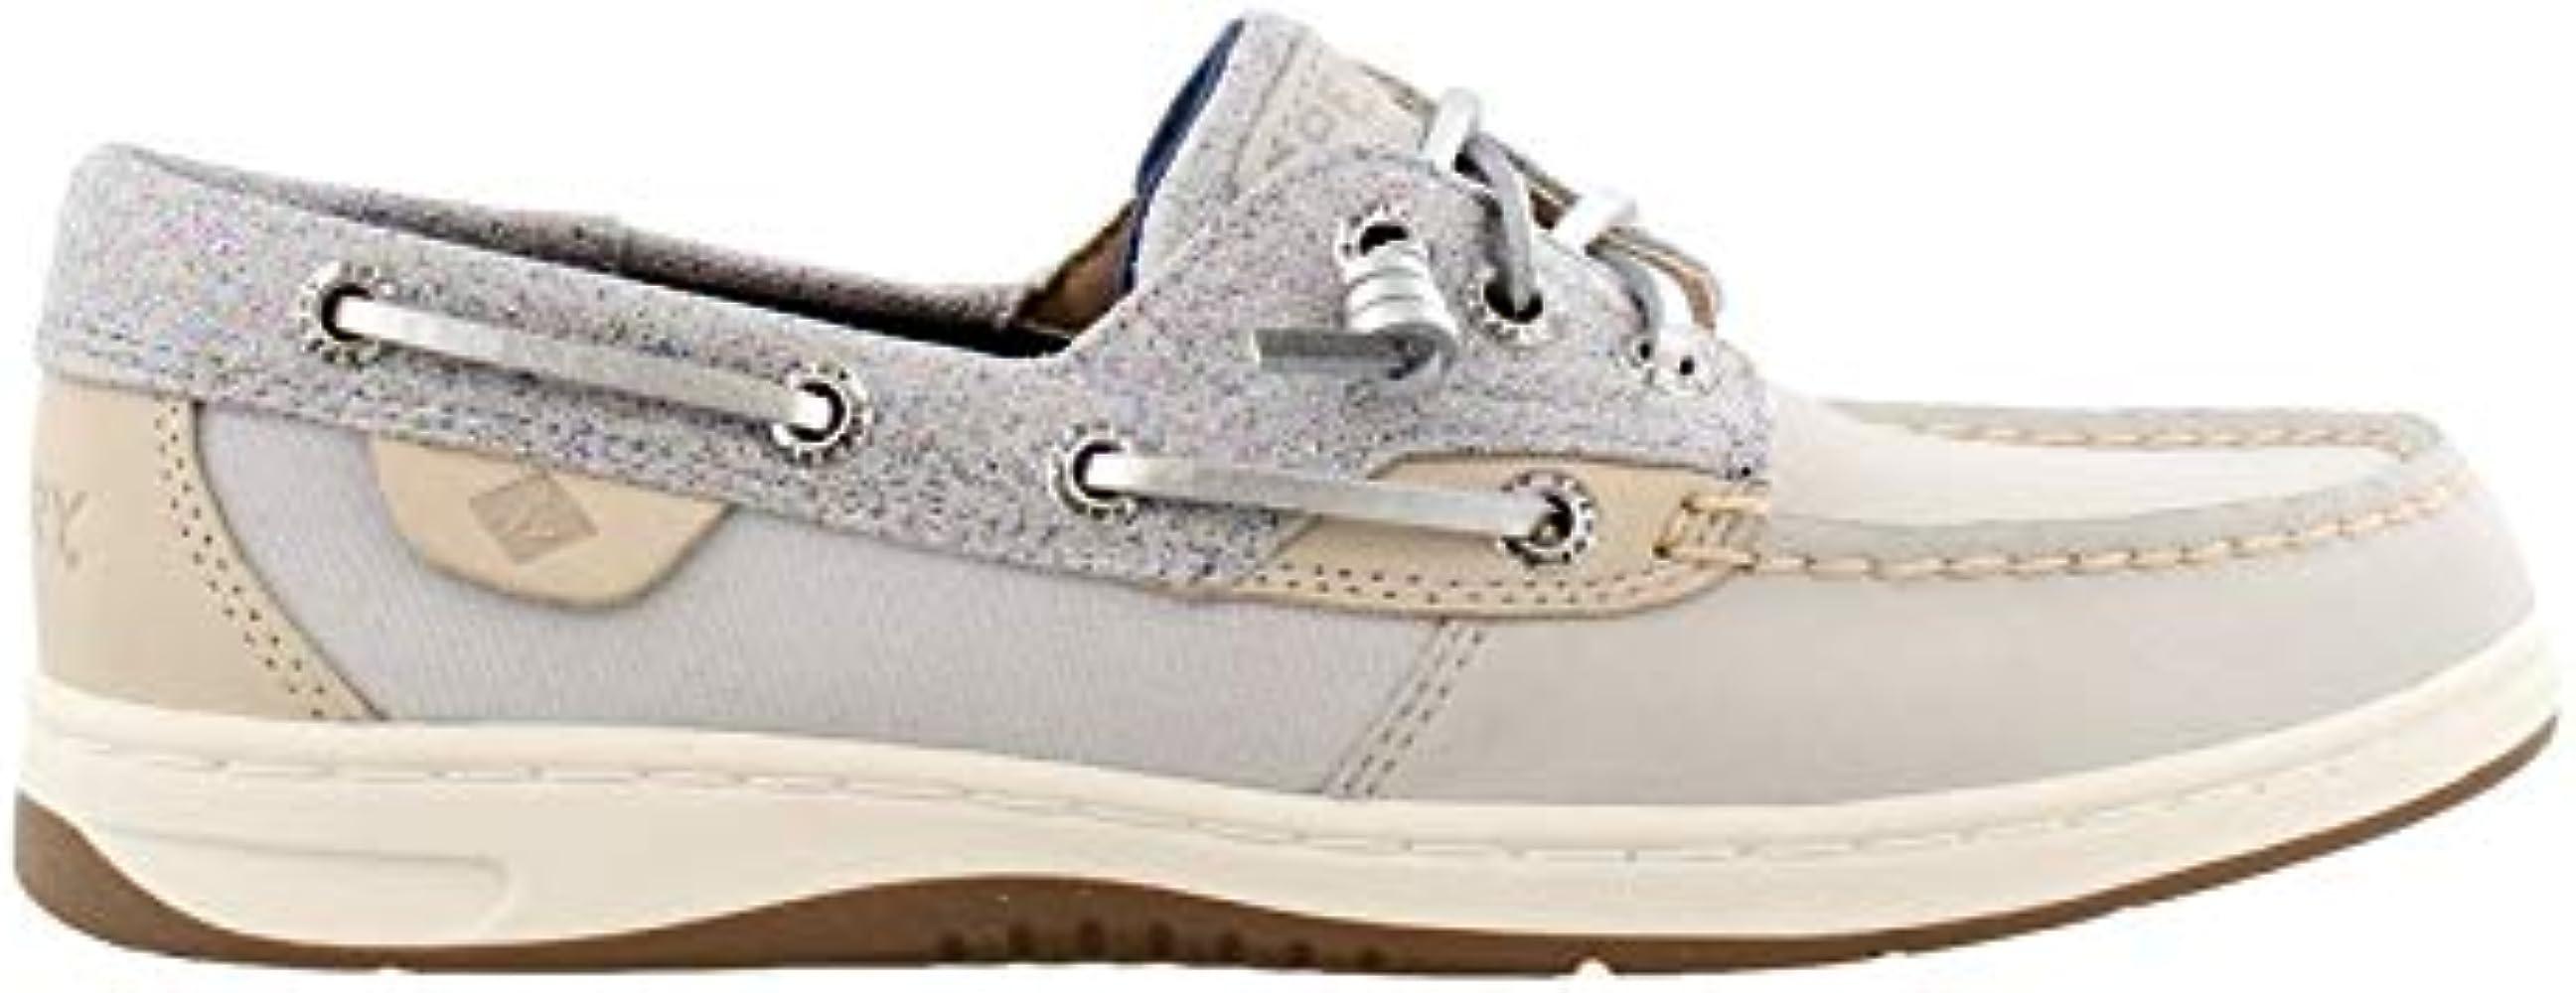 Boat Shoe Grey Oat Sparkle